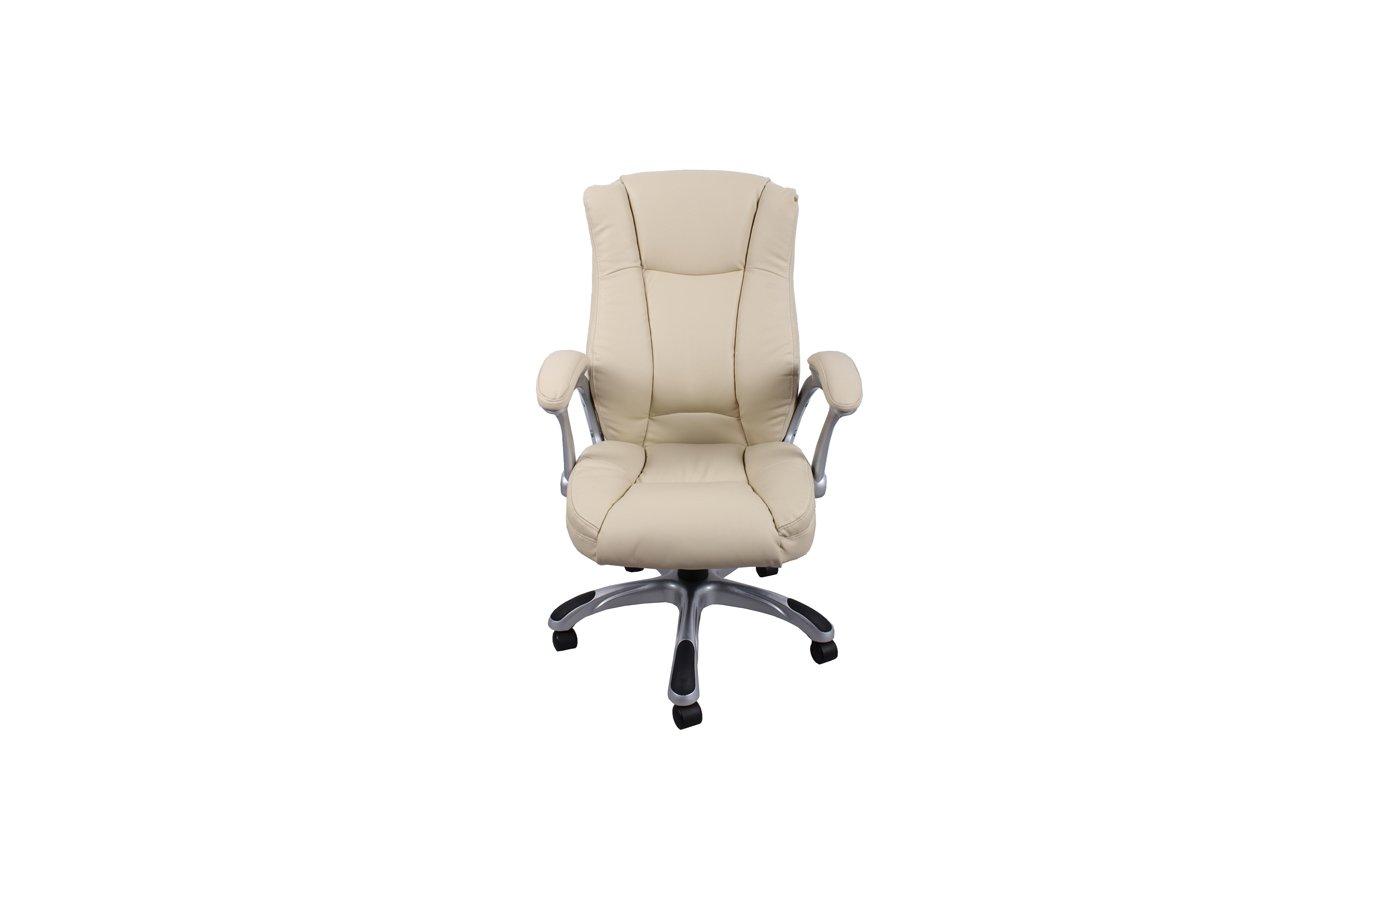 College Кресло руководителя HLC-0631-1, бежевый, экокожа, 120 кг, подлокотники пластик/кожа, крестов